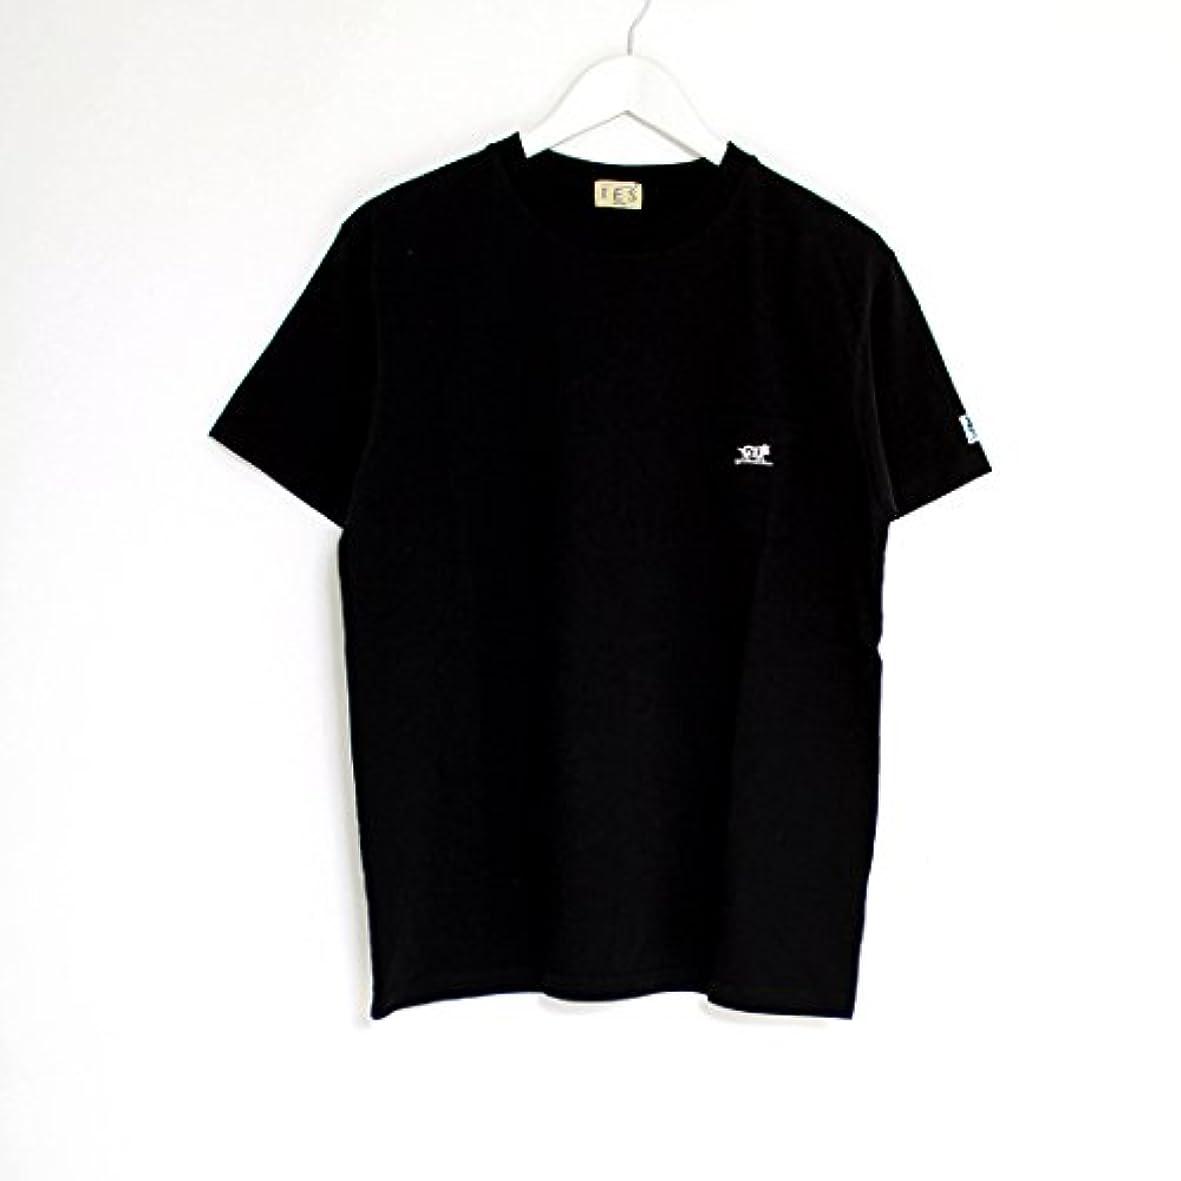 誓約成分かすかな(エンドレスサマー) The Endless Summer 別注 BUHI ワンポイント刺繍ポケットTシャツ [FH-8574506] 01 BLACK L